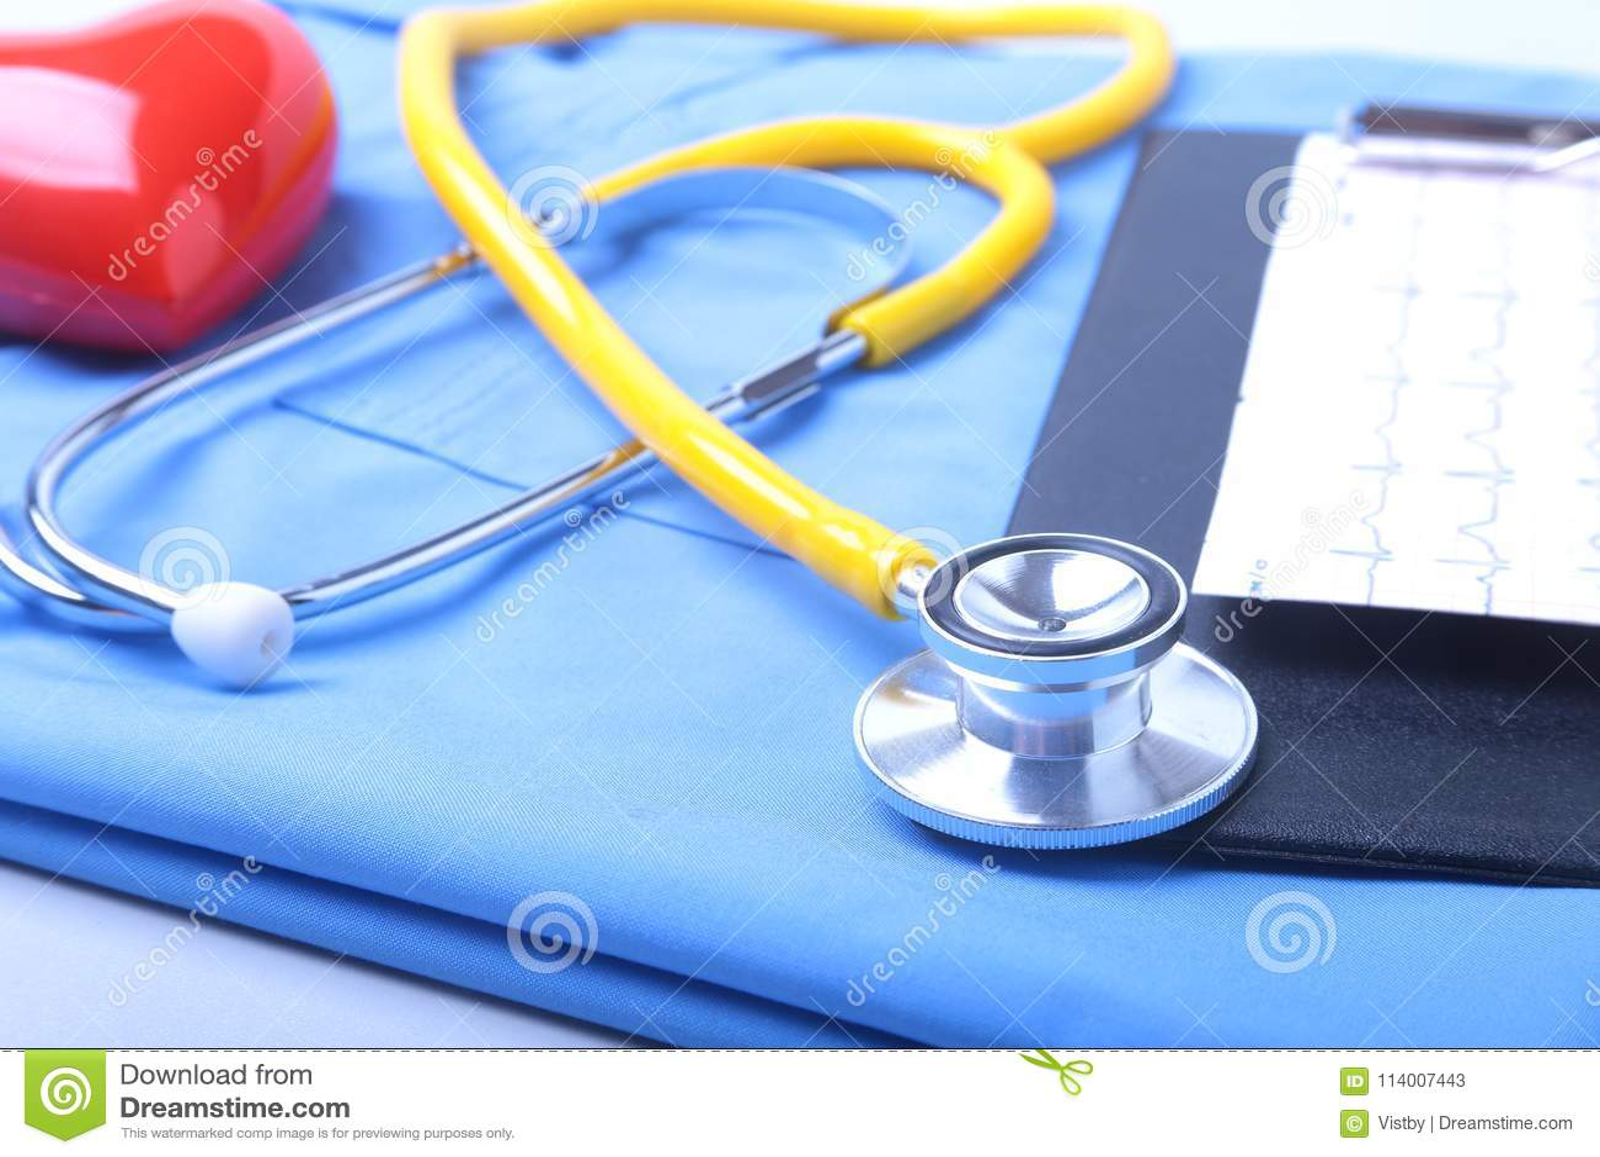 Den medicinska stetoskopet, den tålmodiga listan för medicinsk historia, RX-receptet, röd hjärta och blått manipulerar den enhetl